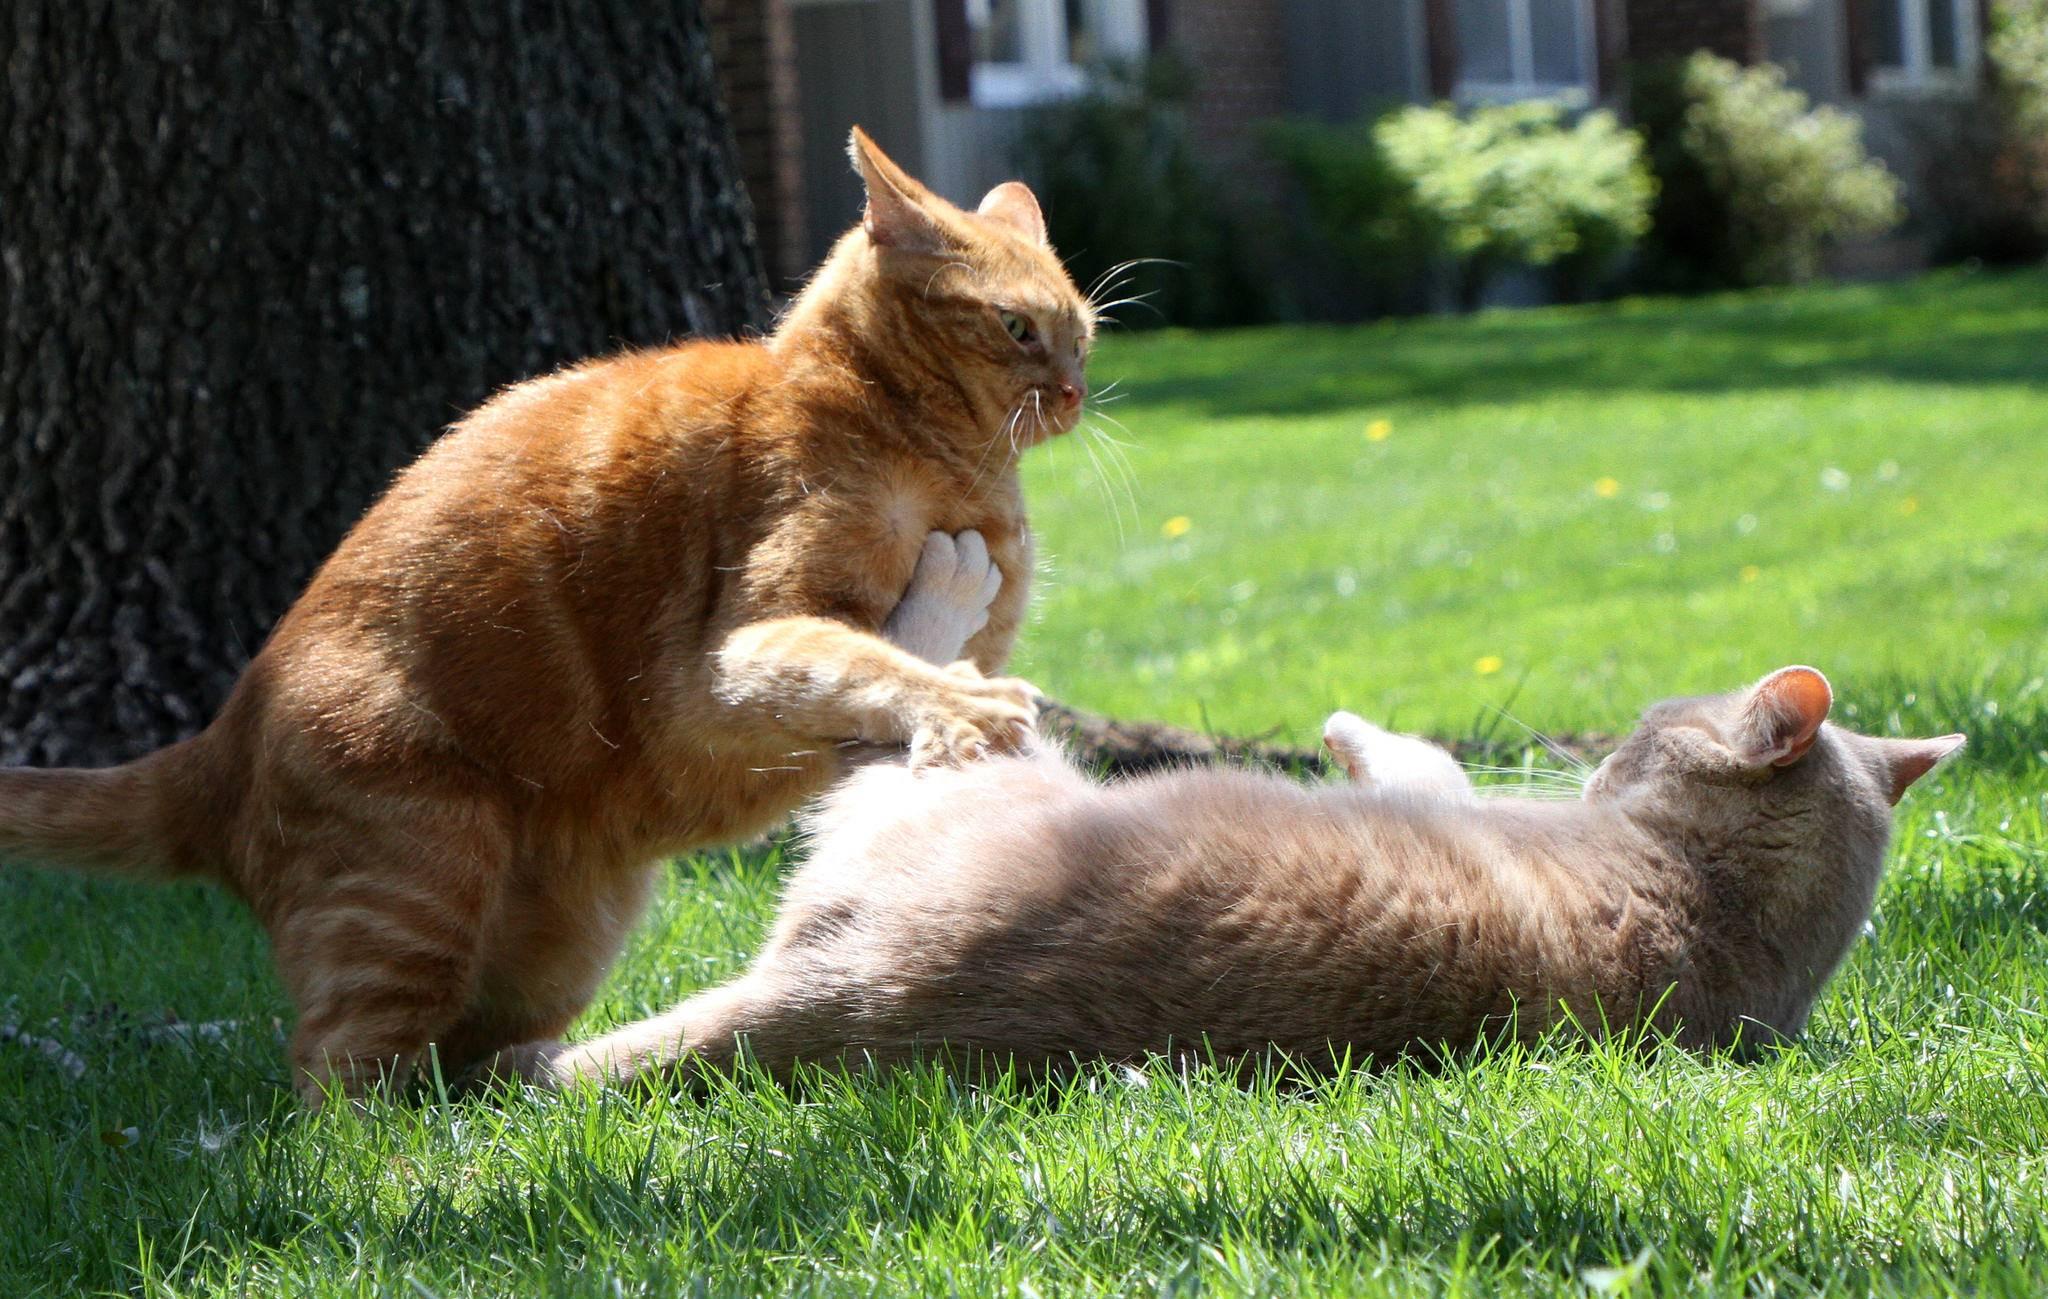 Почему кошка внезапно нападает на хозяина. почему кошка рычит, кусается и шипит без причины